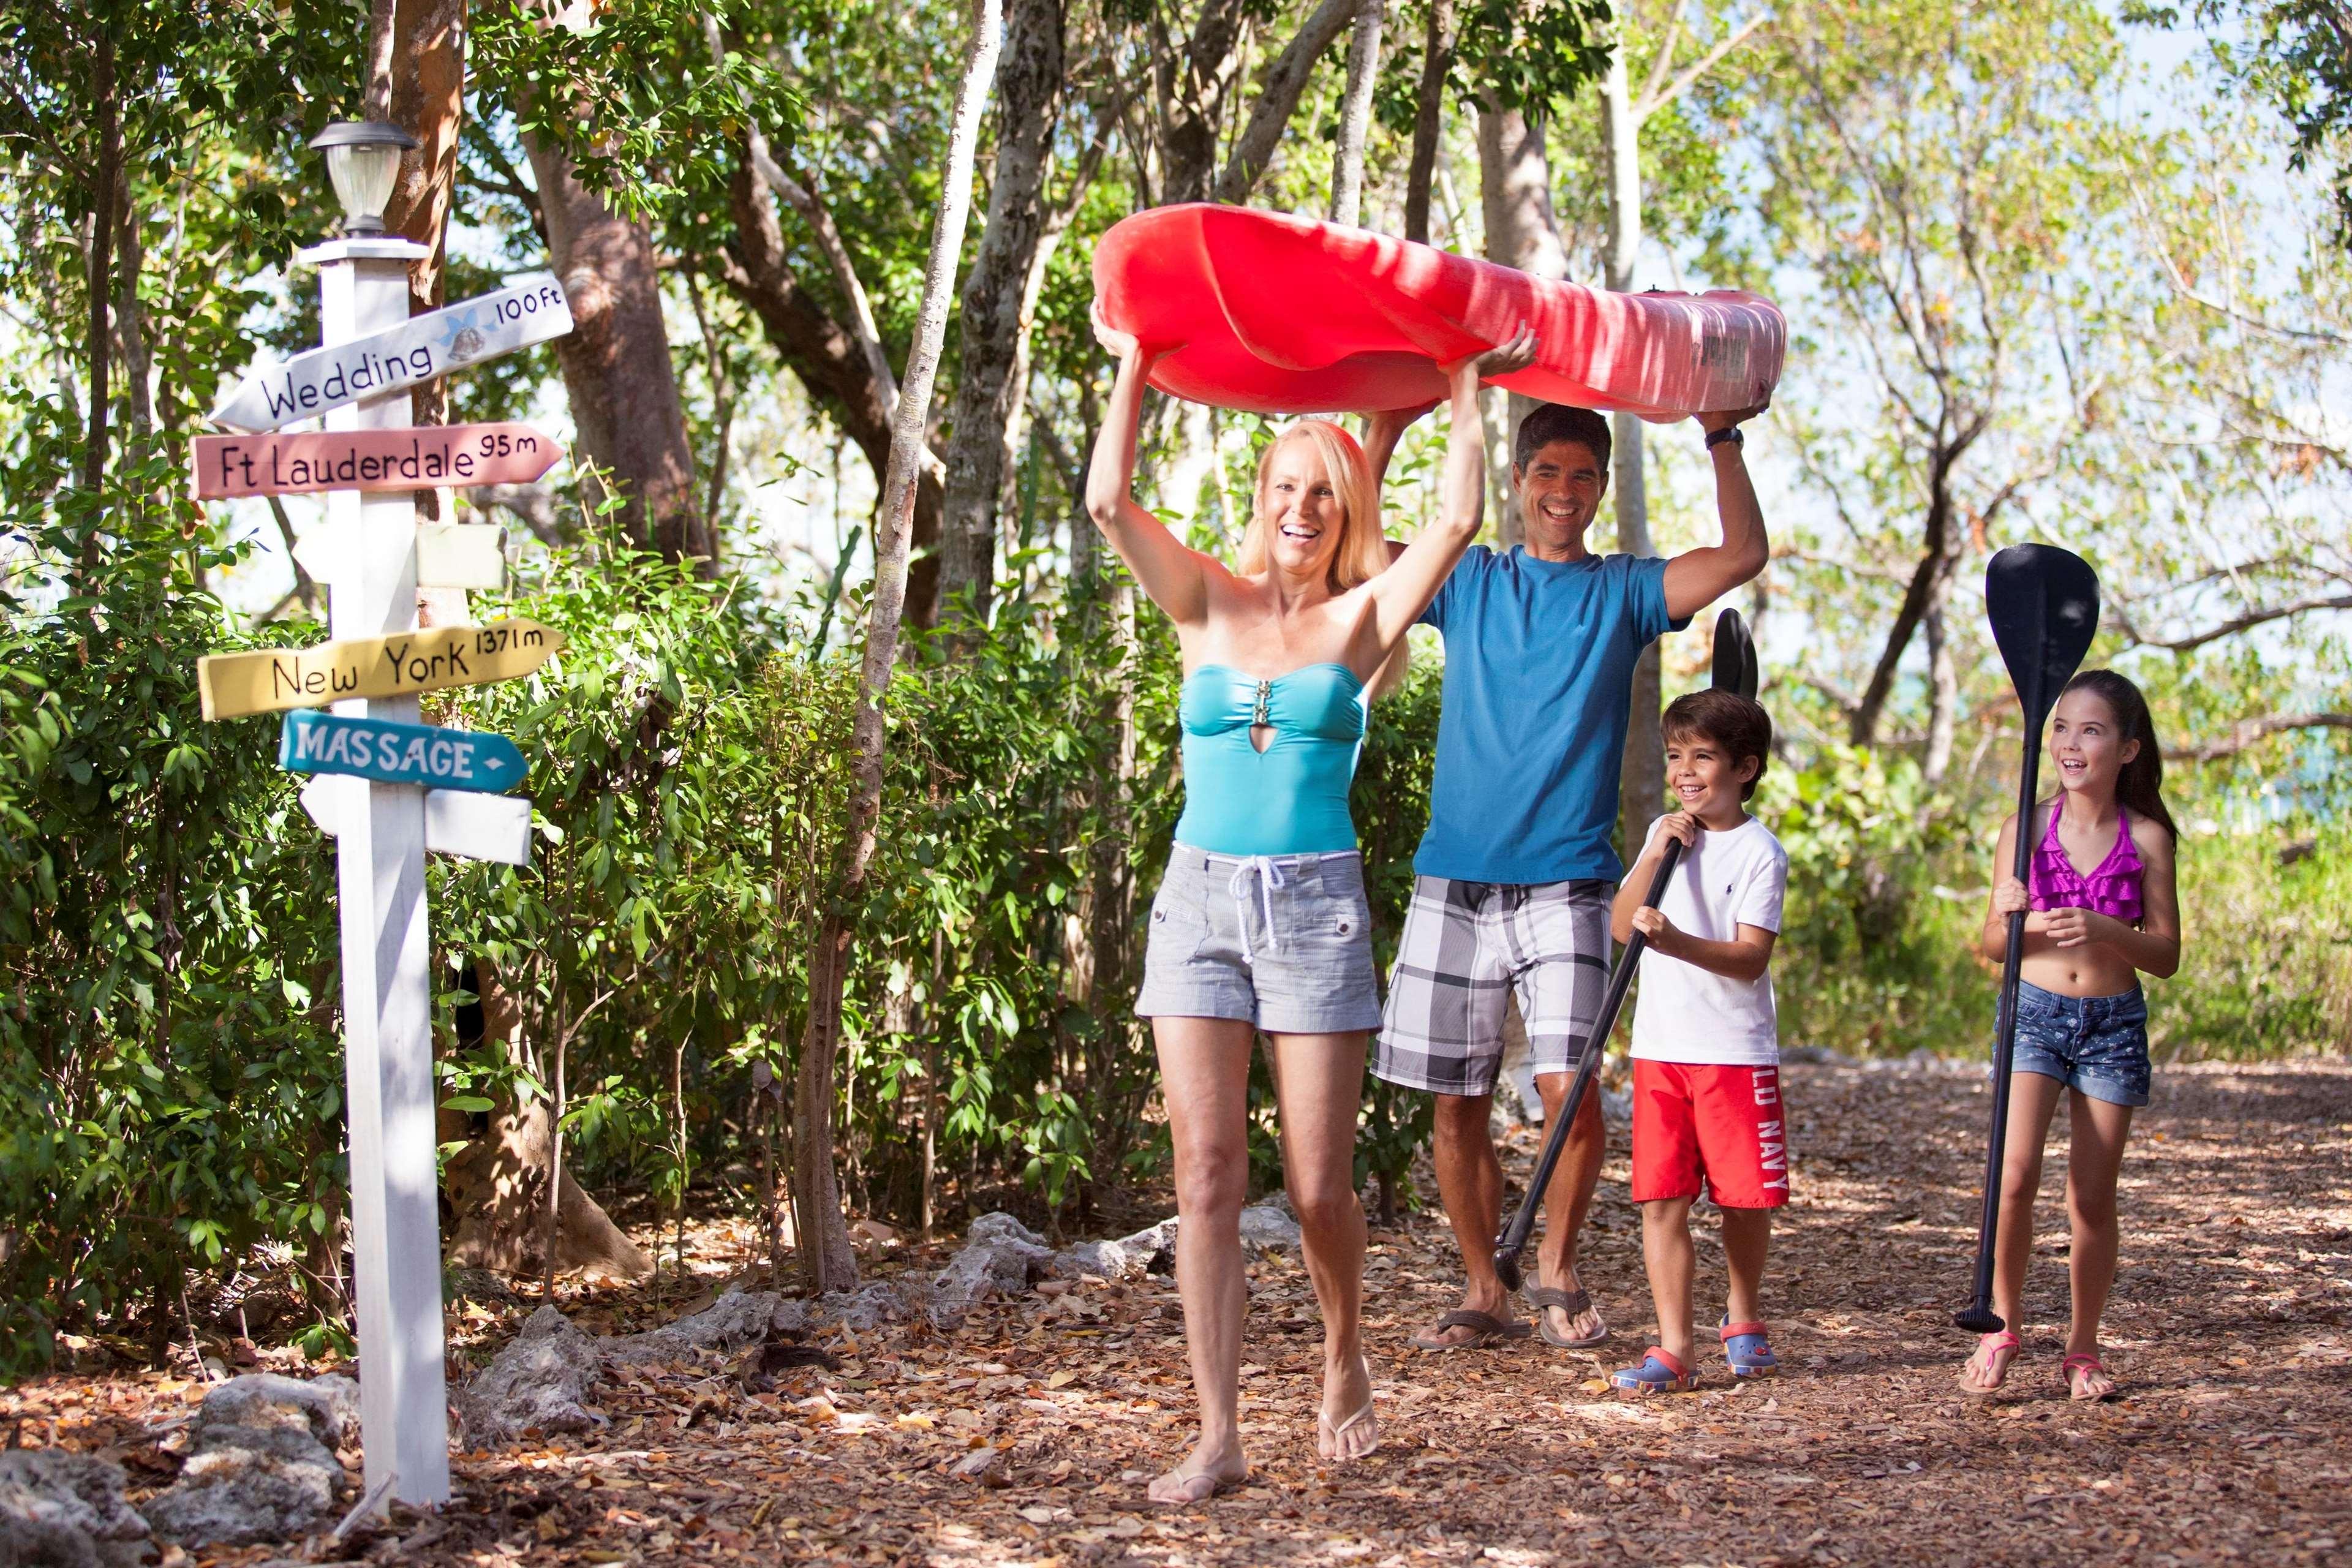 Hilton Key Largo Resort image 45